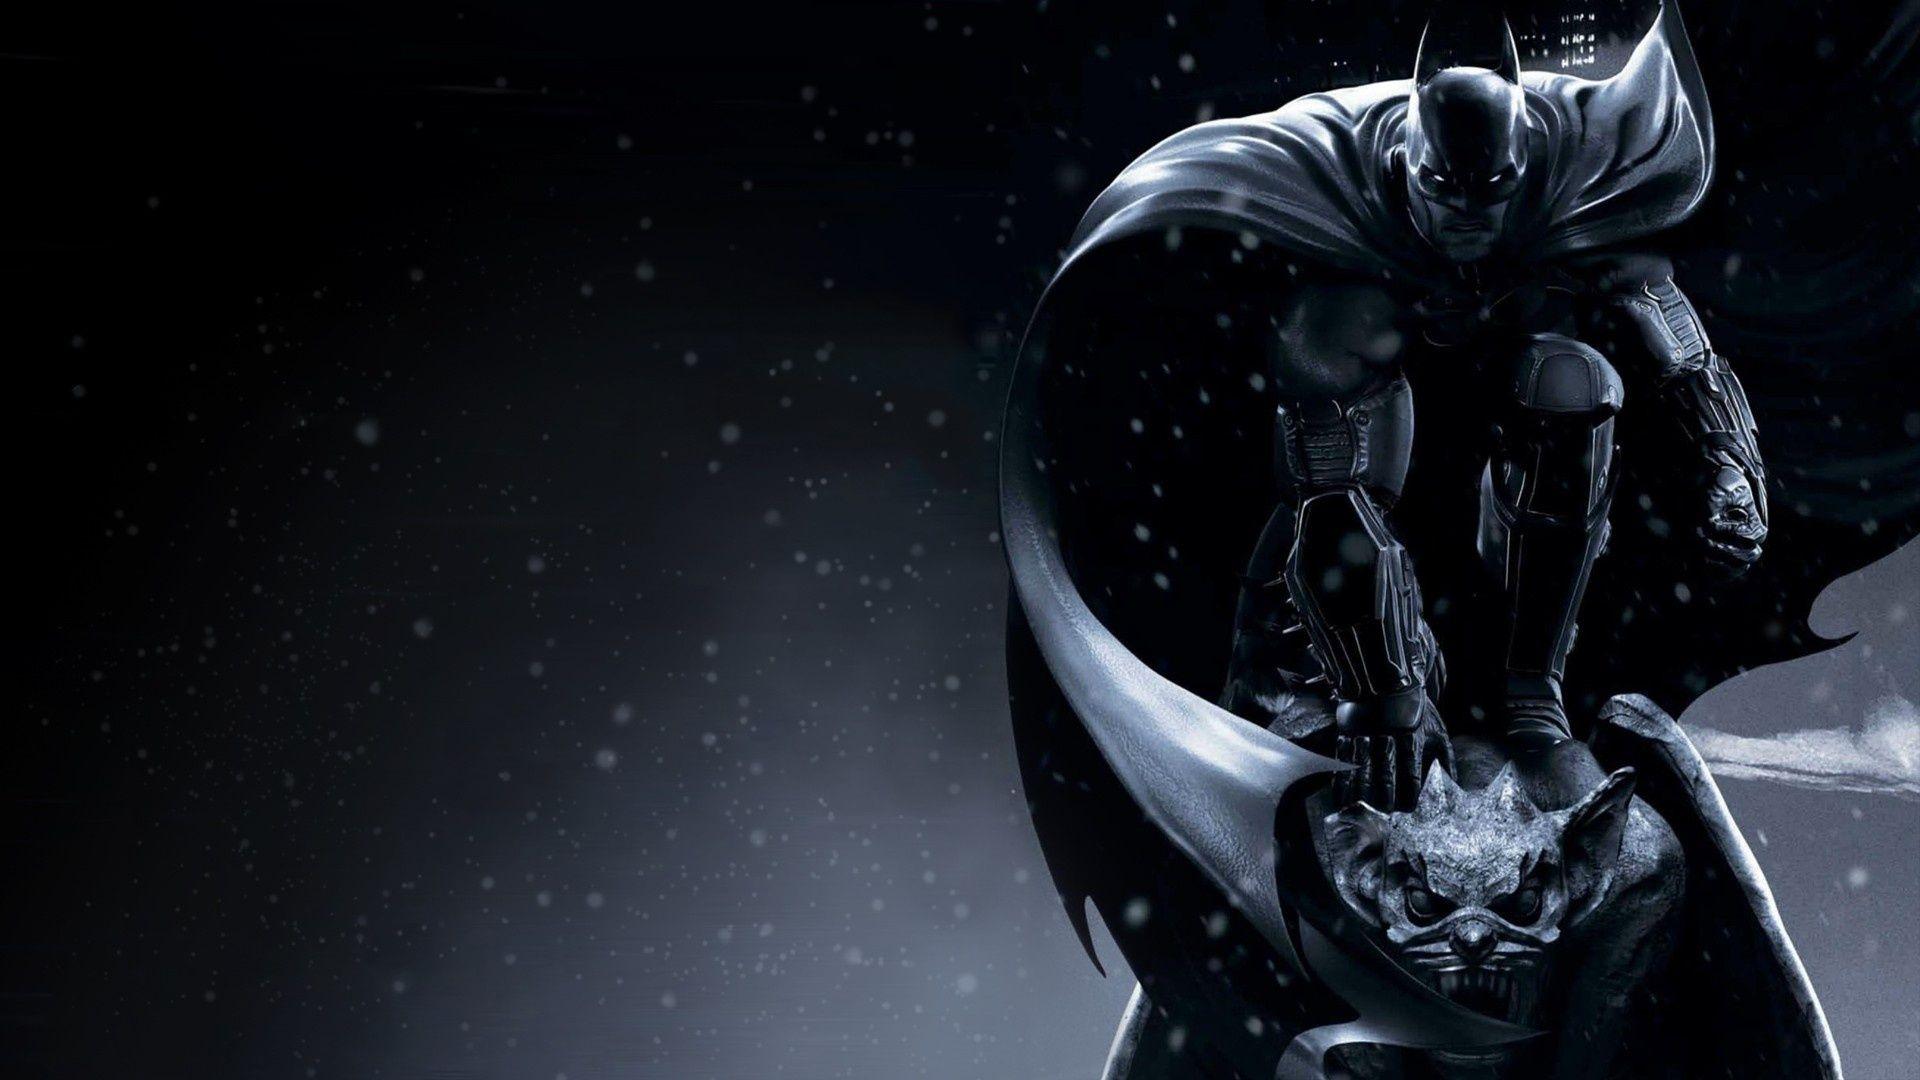 Batman Arkham Origins 2013 Wallpaper High Definition Wallpapers